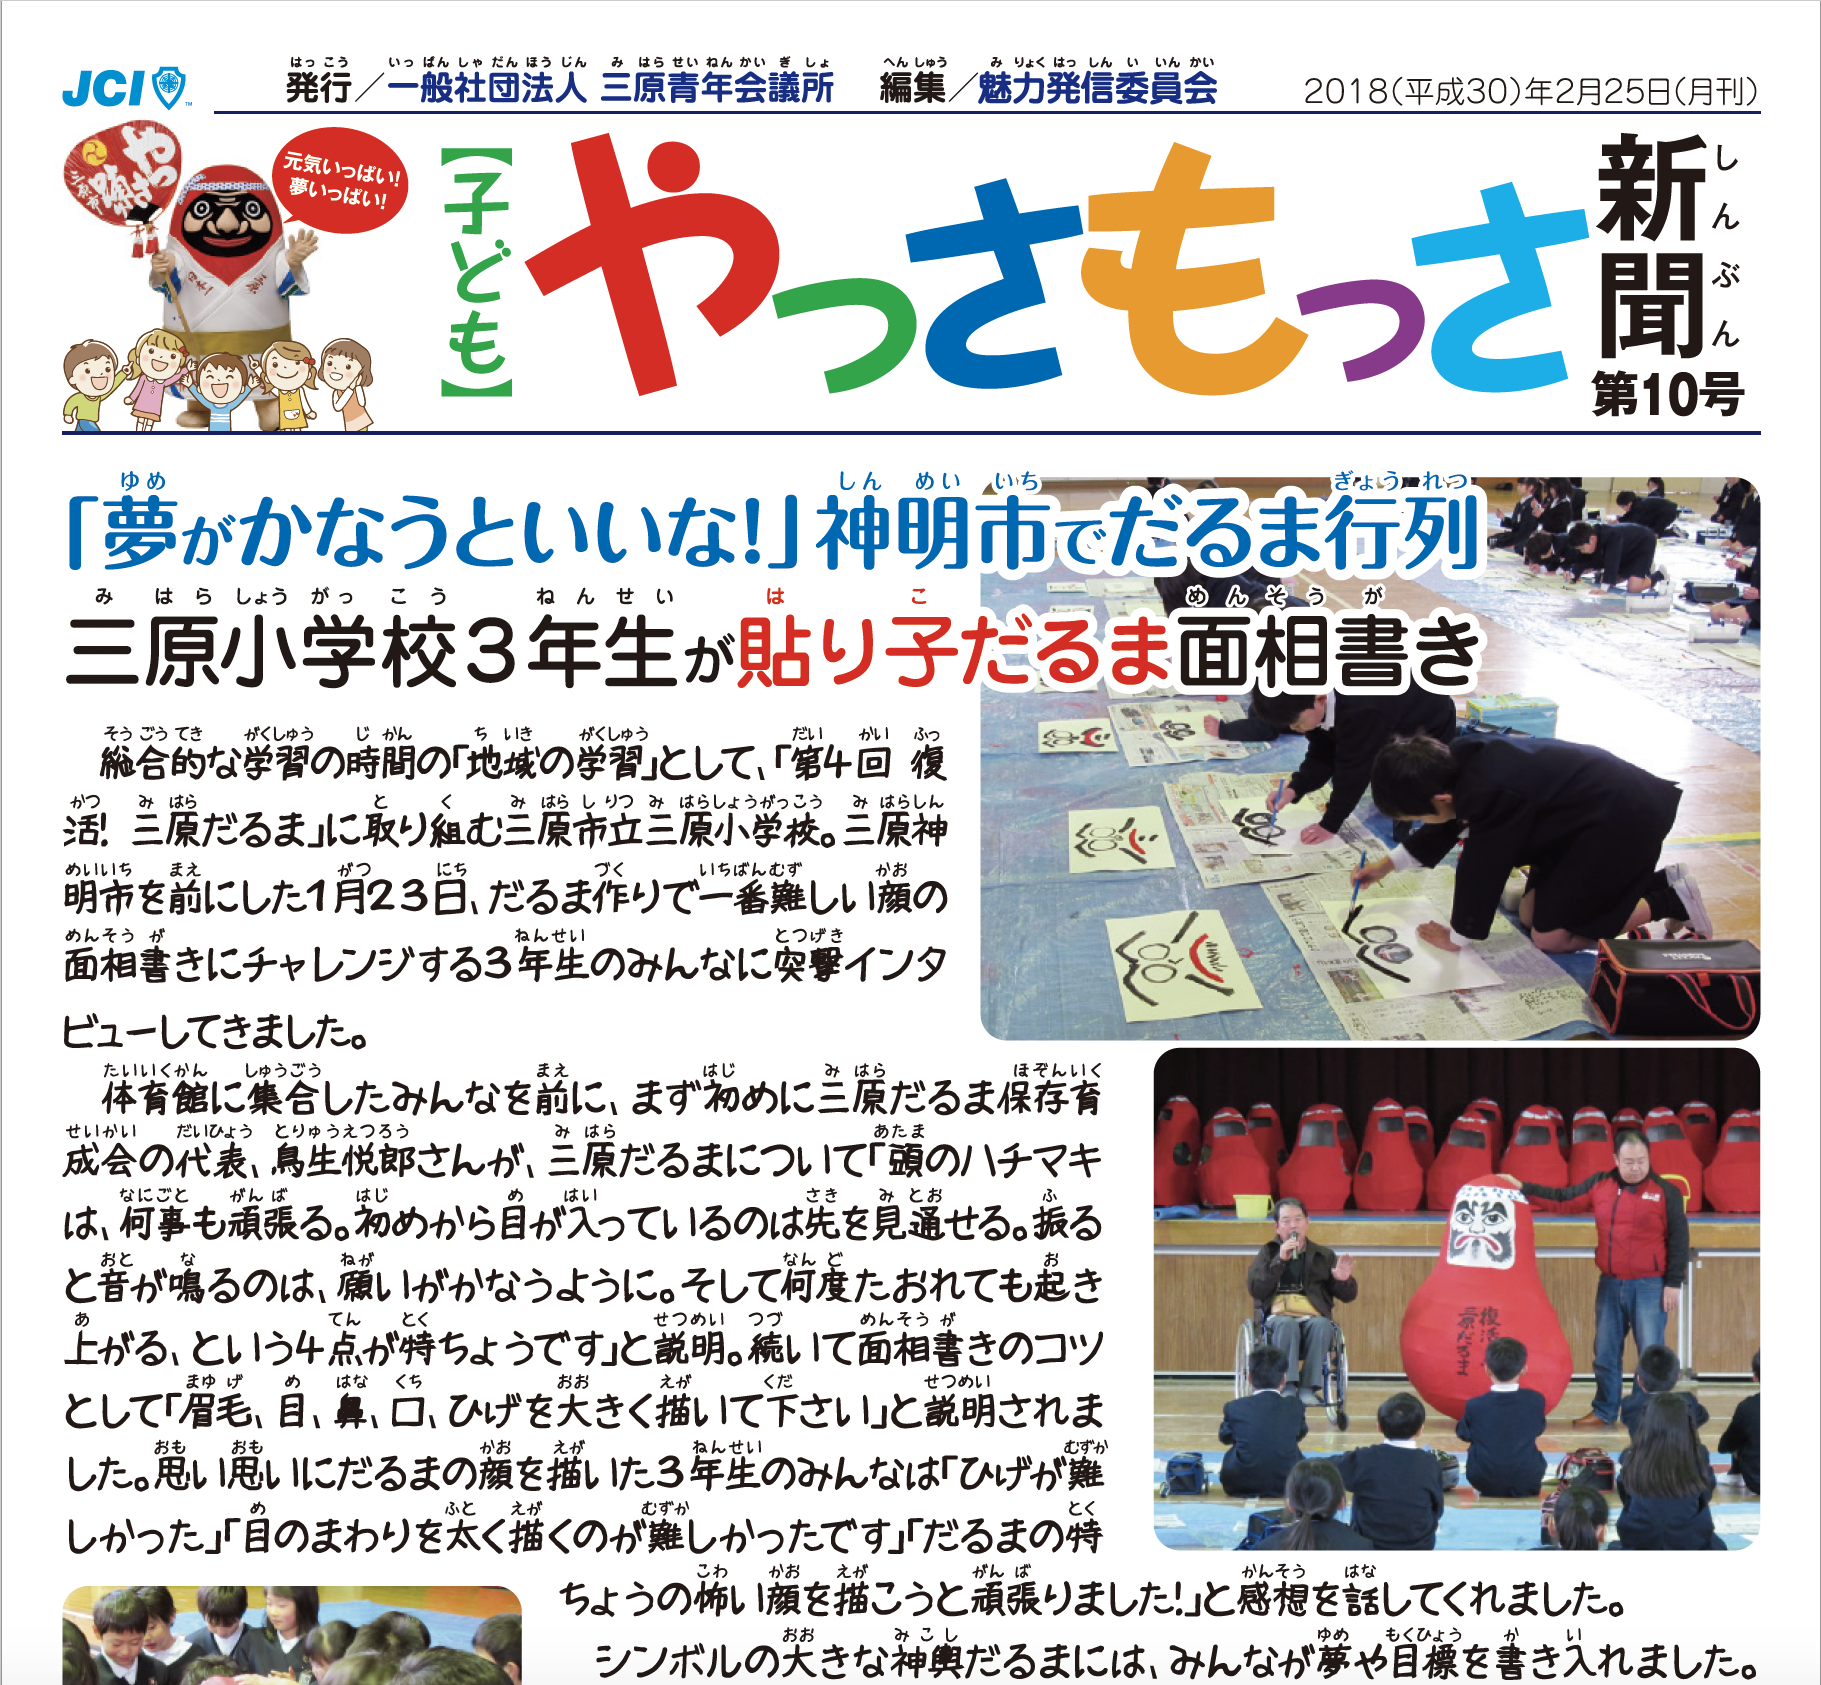 三原青年会議所新聞 子どもやっさもっさ新聞(第10号)のご案内